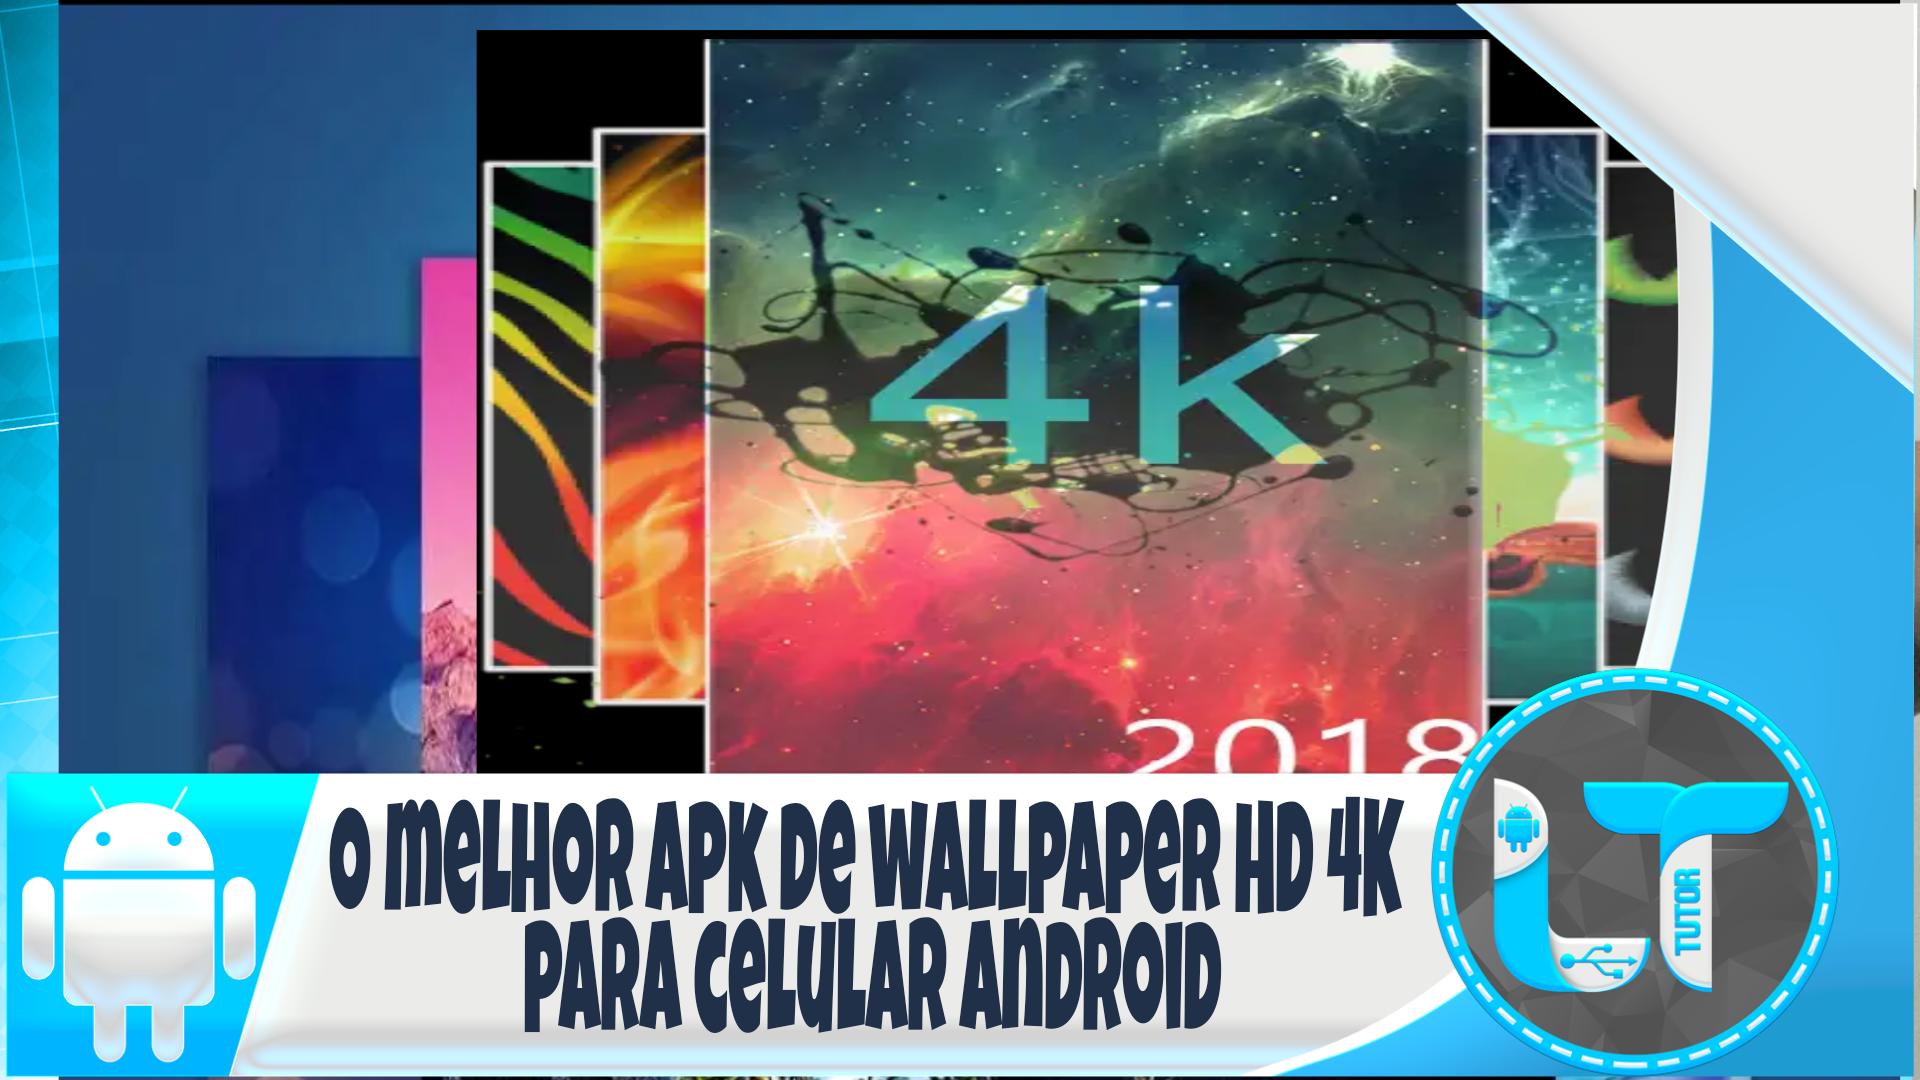 Imagenes Hd 4k Para Celular: O Melhor Aplicativo De Wallpaper HD 4K Para Celular